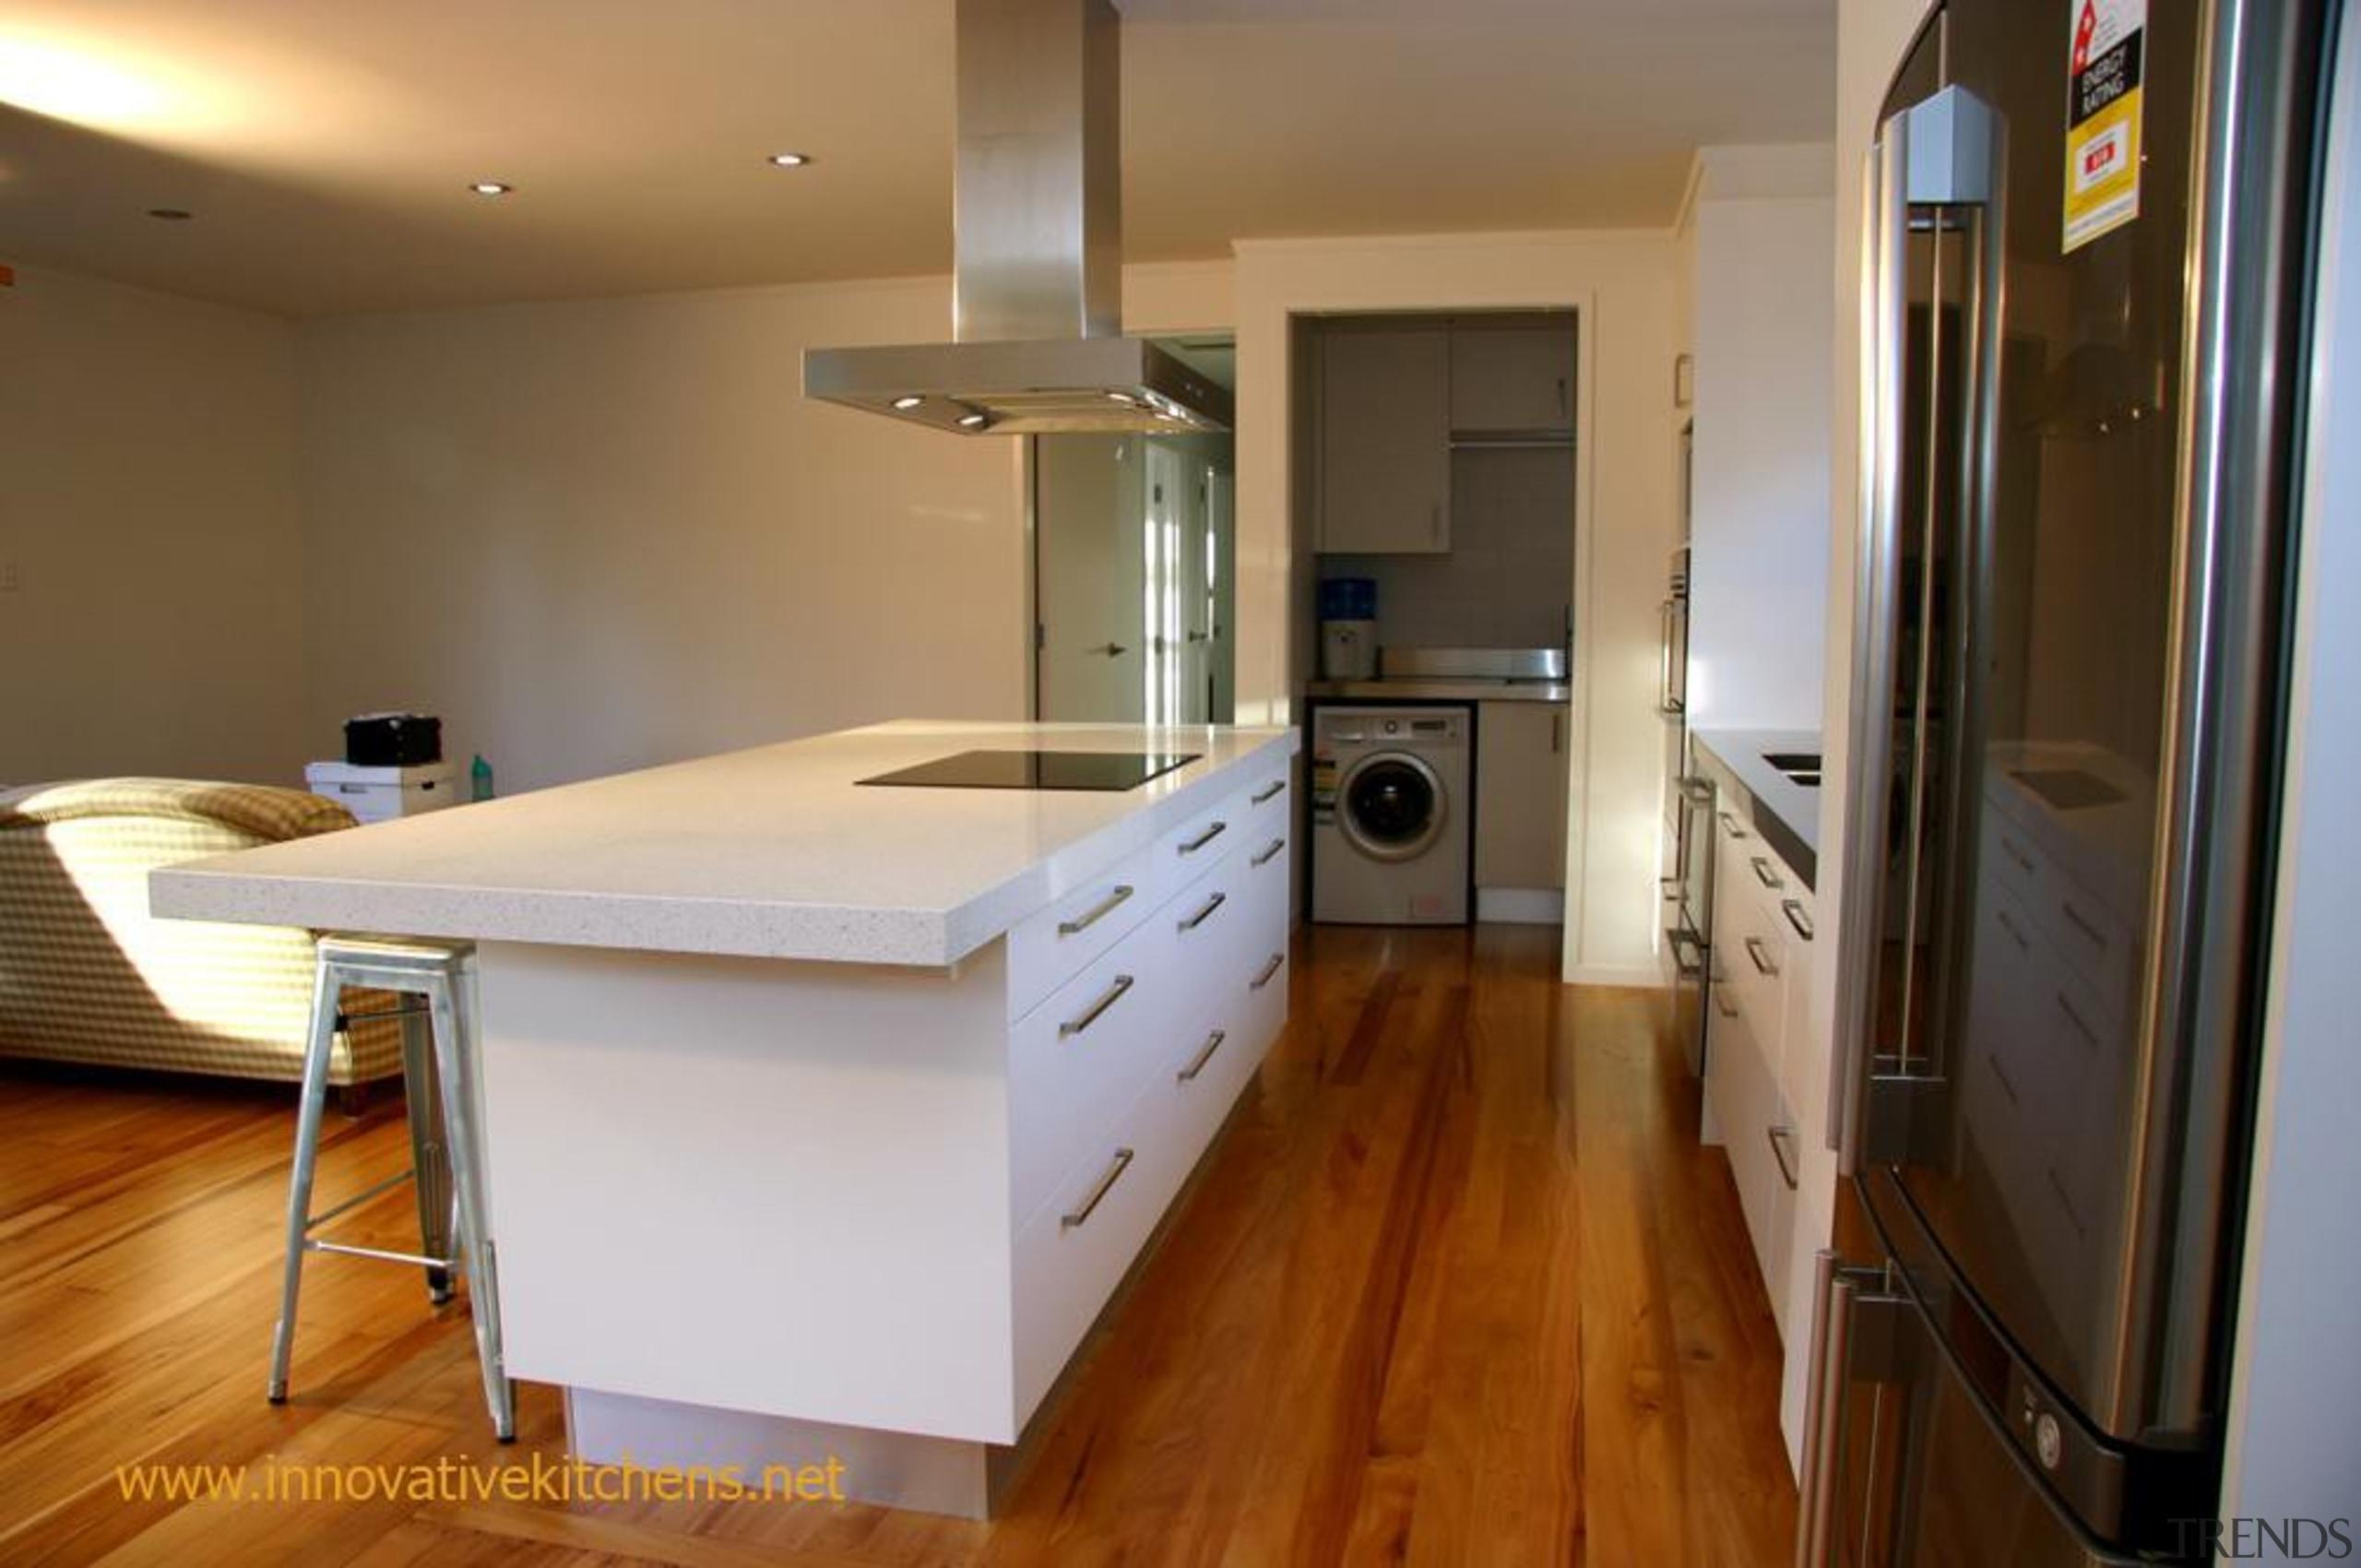 modern glendowie 2013 3.jpg - modern_glendowie_2013_3.jpg - countertop countertop, floor, flooring, hardwood, interior design, kitchen, property, real estate, room, brown, gray